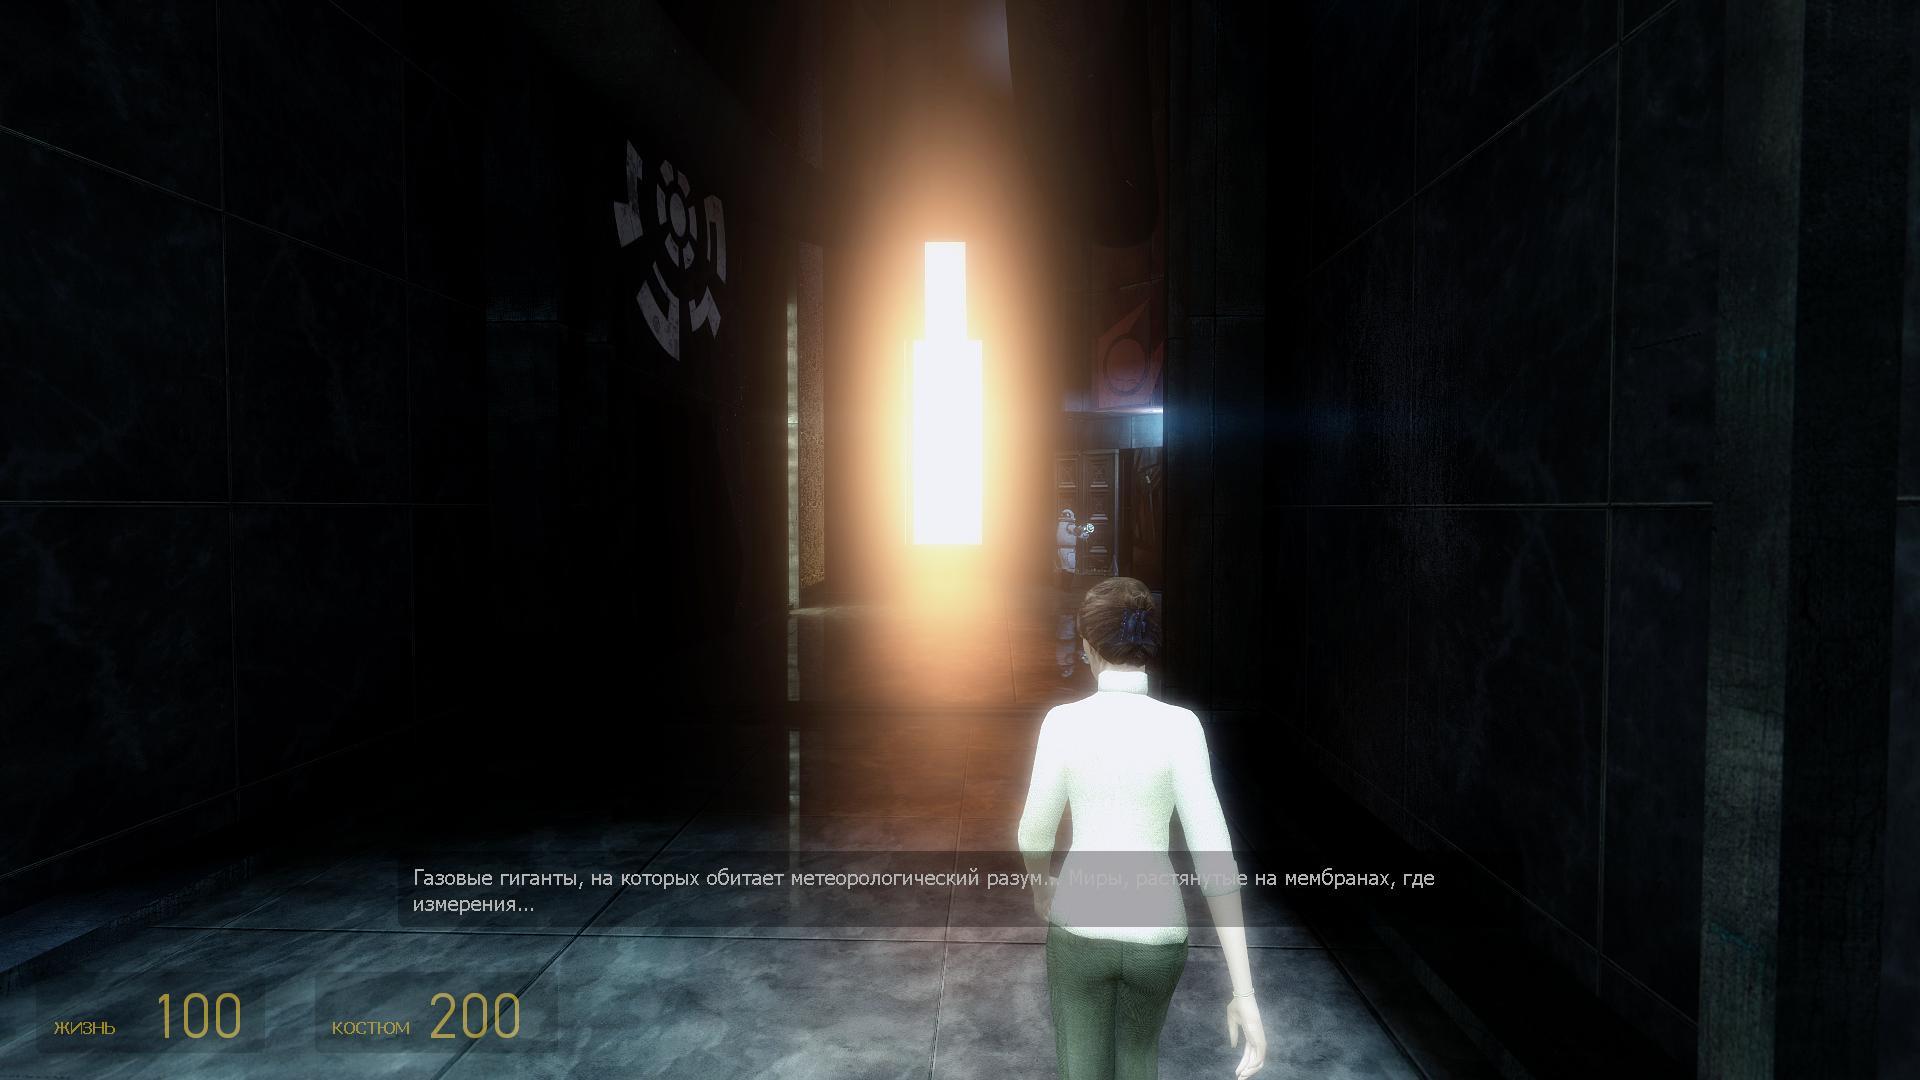 Half-Life 2 2018-09-06 22-18-22-45.jpg - Half-Life 2